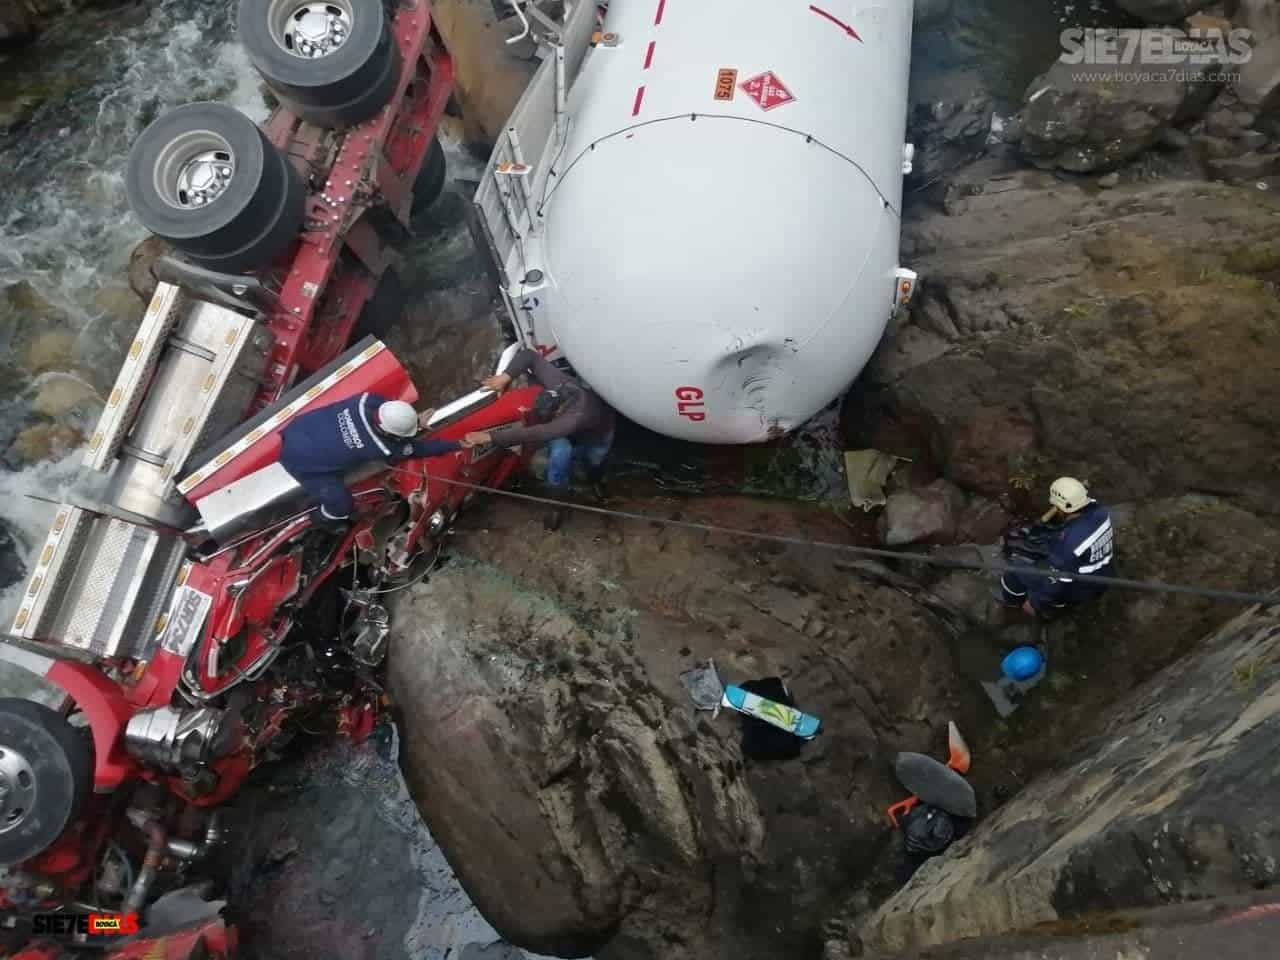 Aparatoso accidente en la vía del Cusiana dejó lesionado al conductor de una tractomula 1